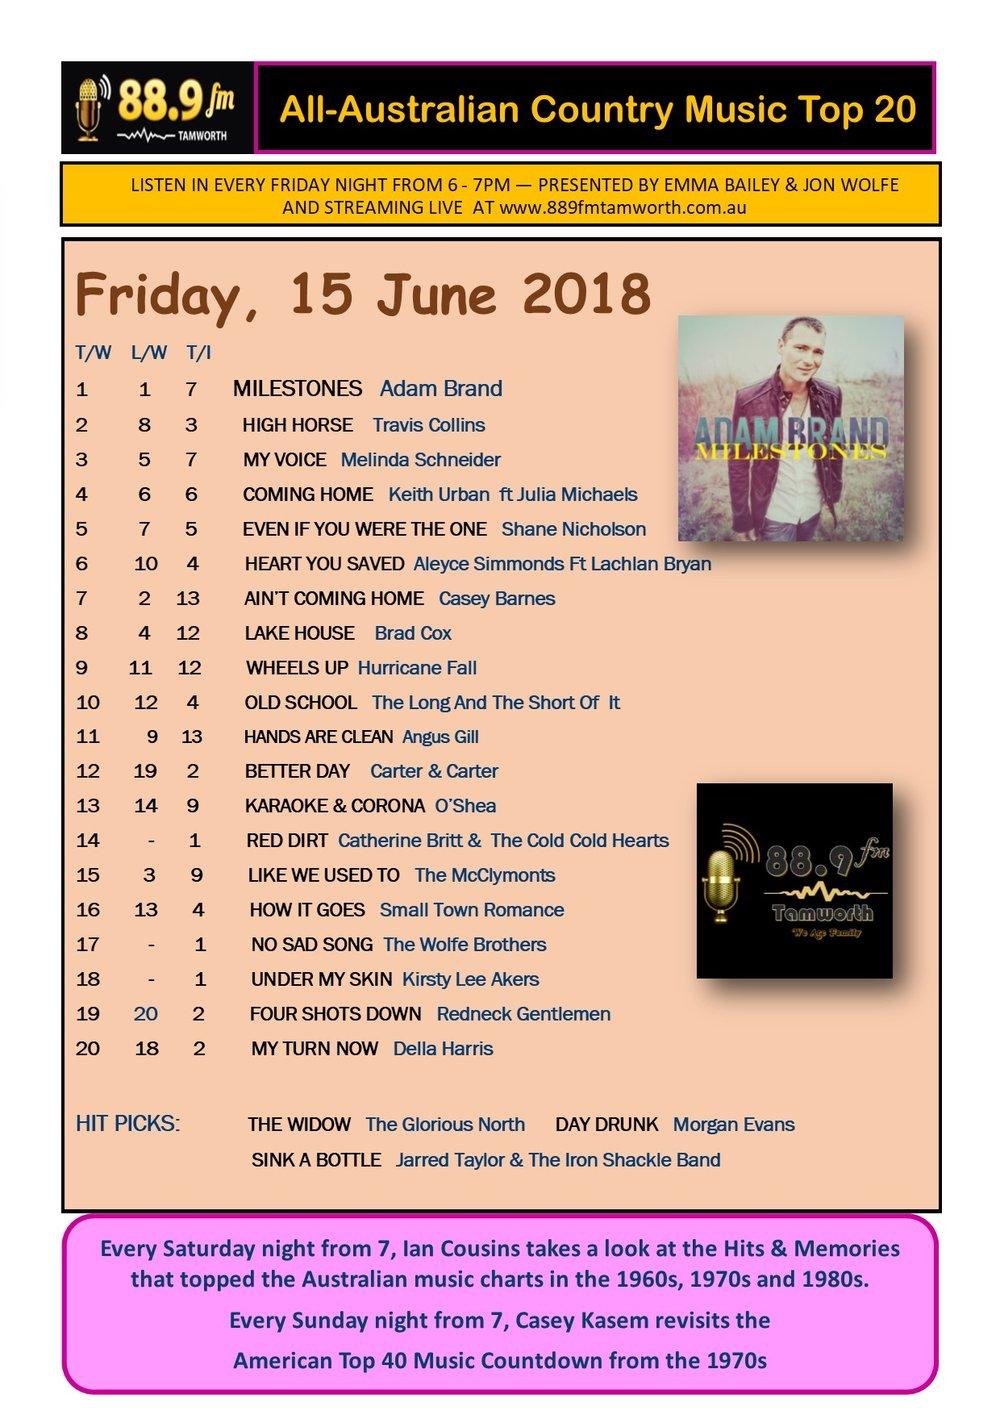 889FM CHART 15 June 2018.jpg